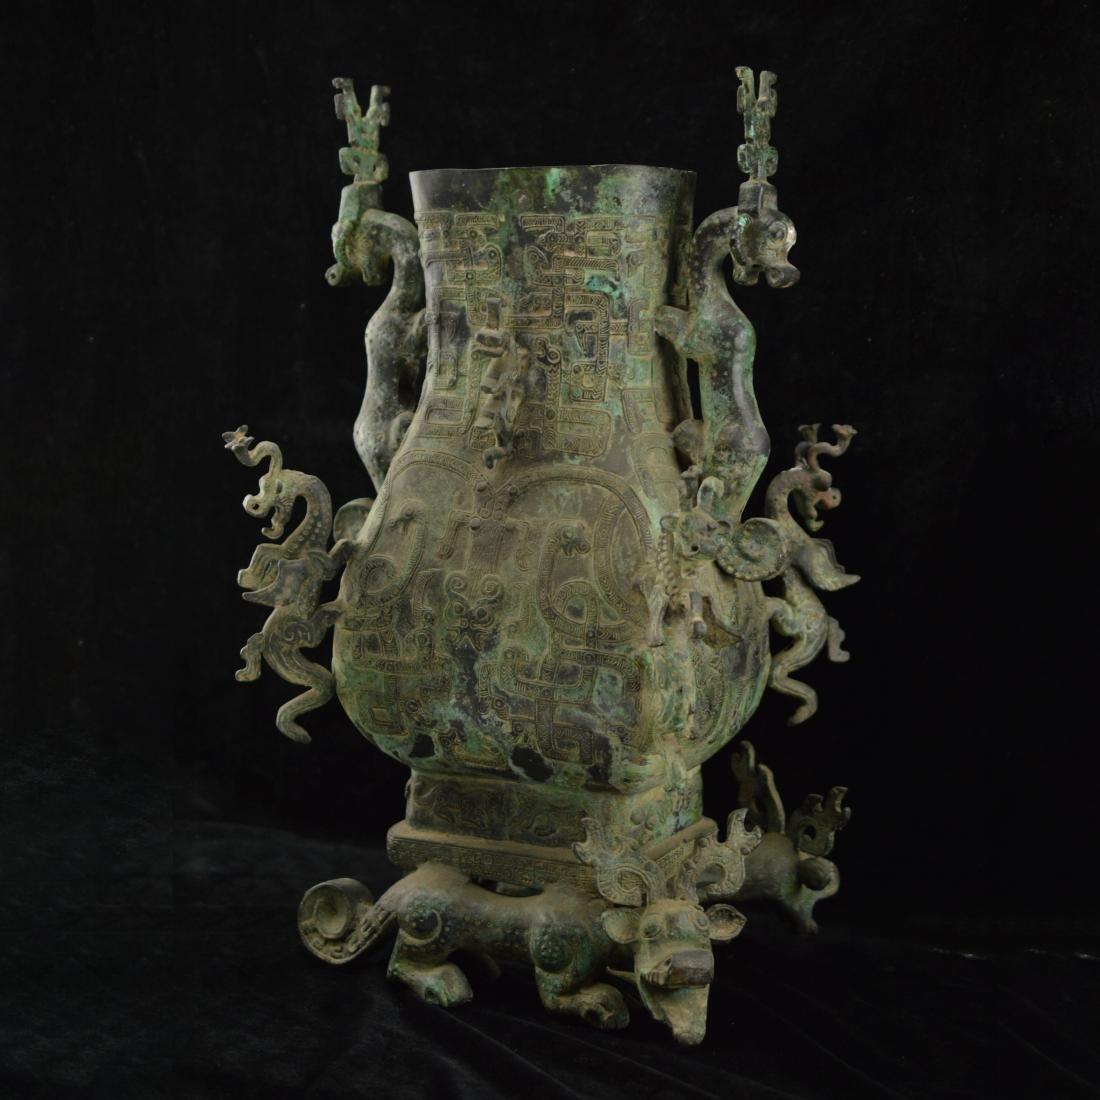 Ritual bronze vessel